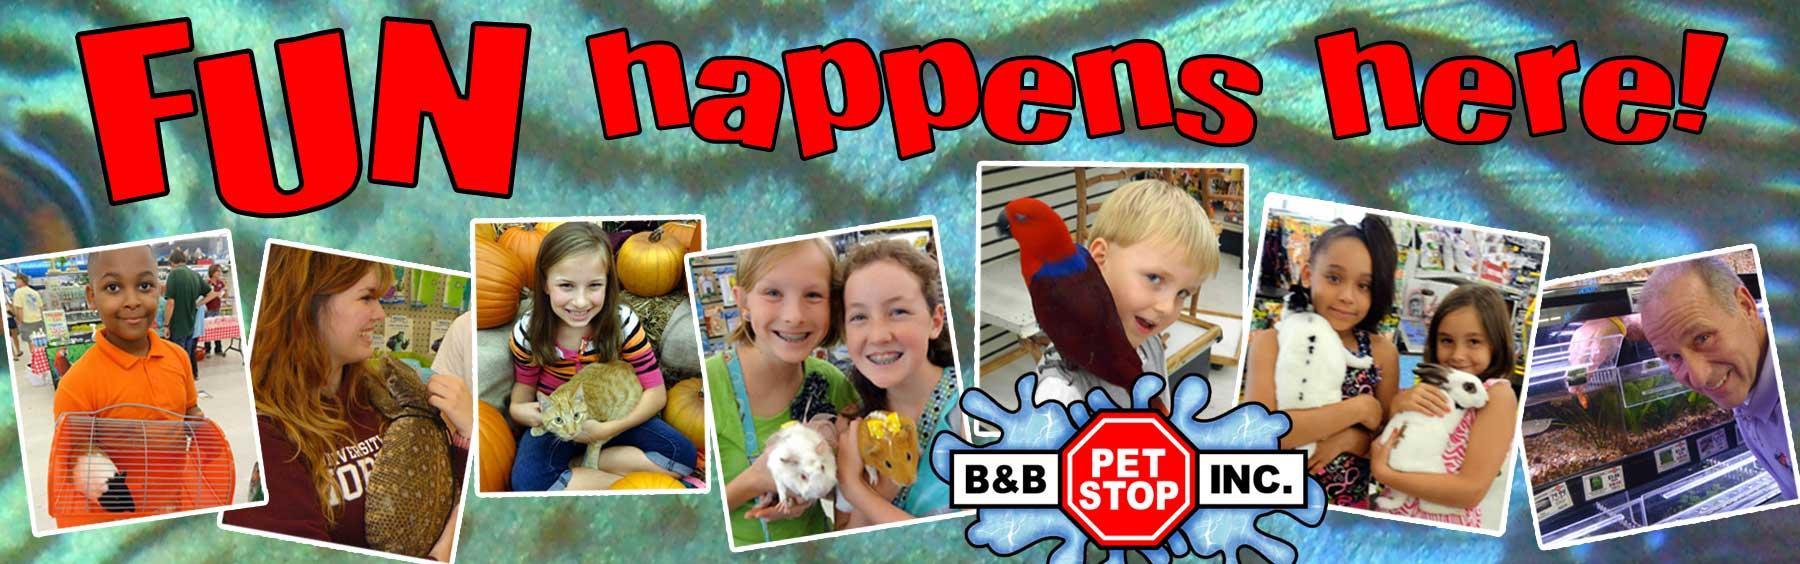 Fun happens at B&B Pet Stop